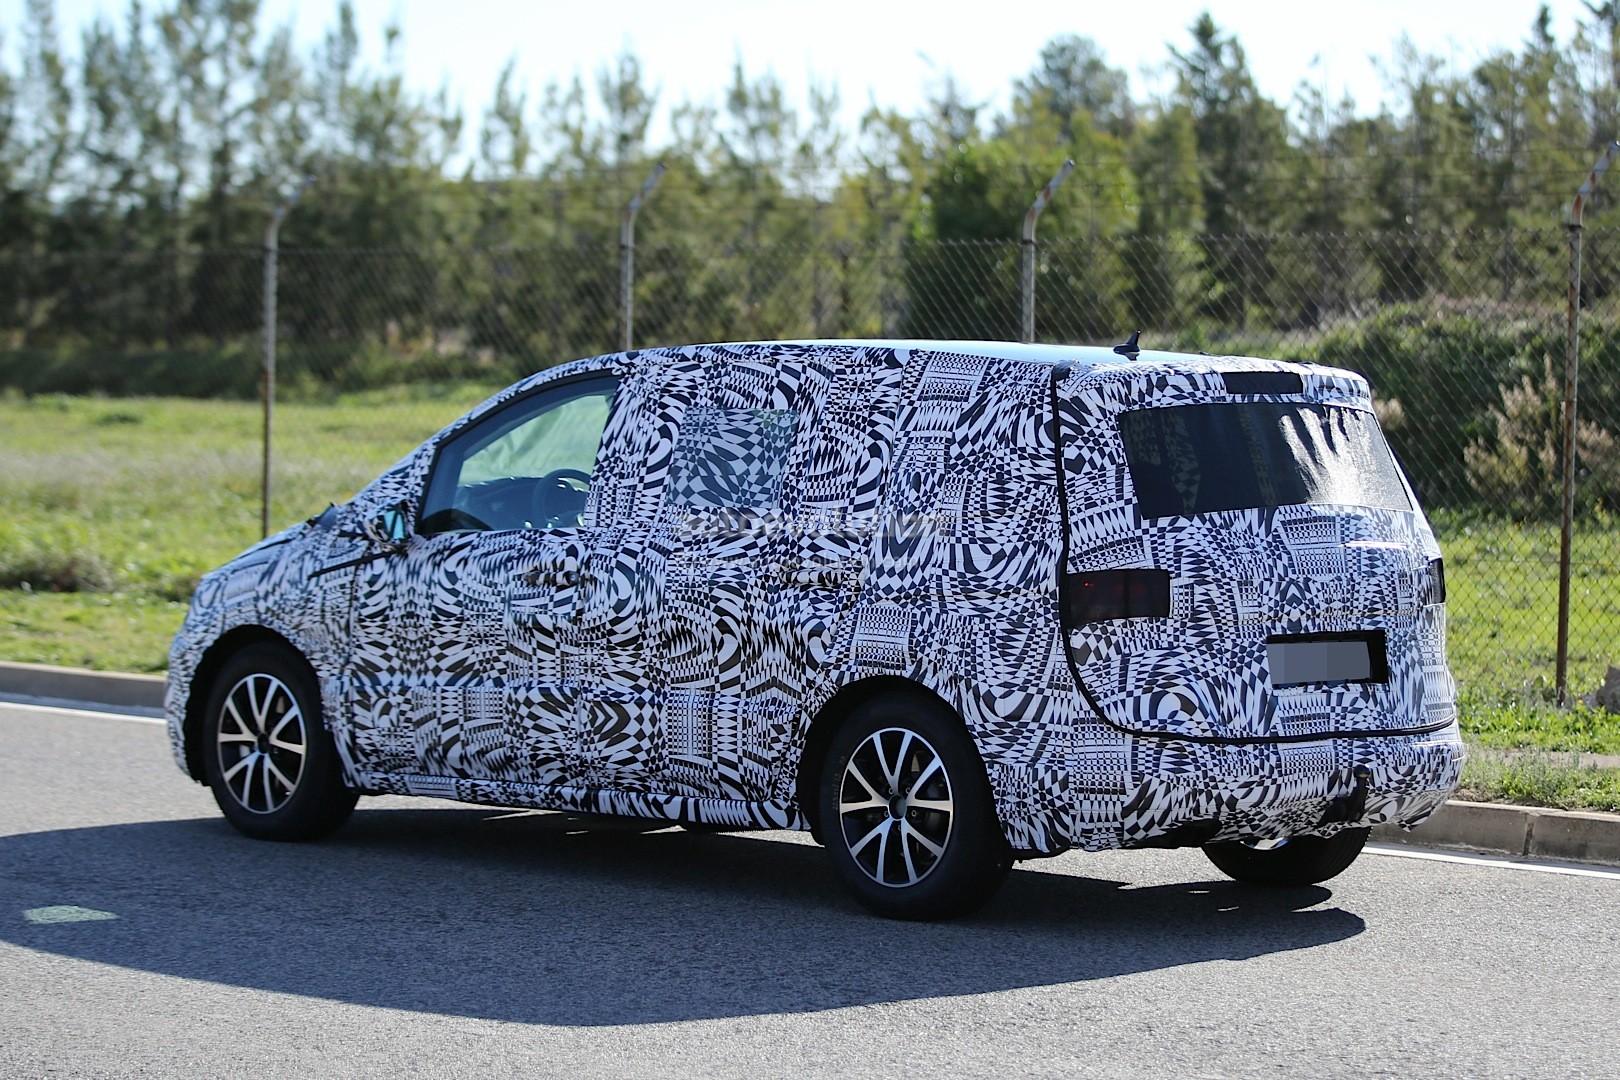 2015 - [Volkswagen] Touran - Page 3 Spyshots-new-volkswagen-touran-seen-testing-in-souther-europe_11